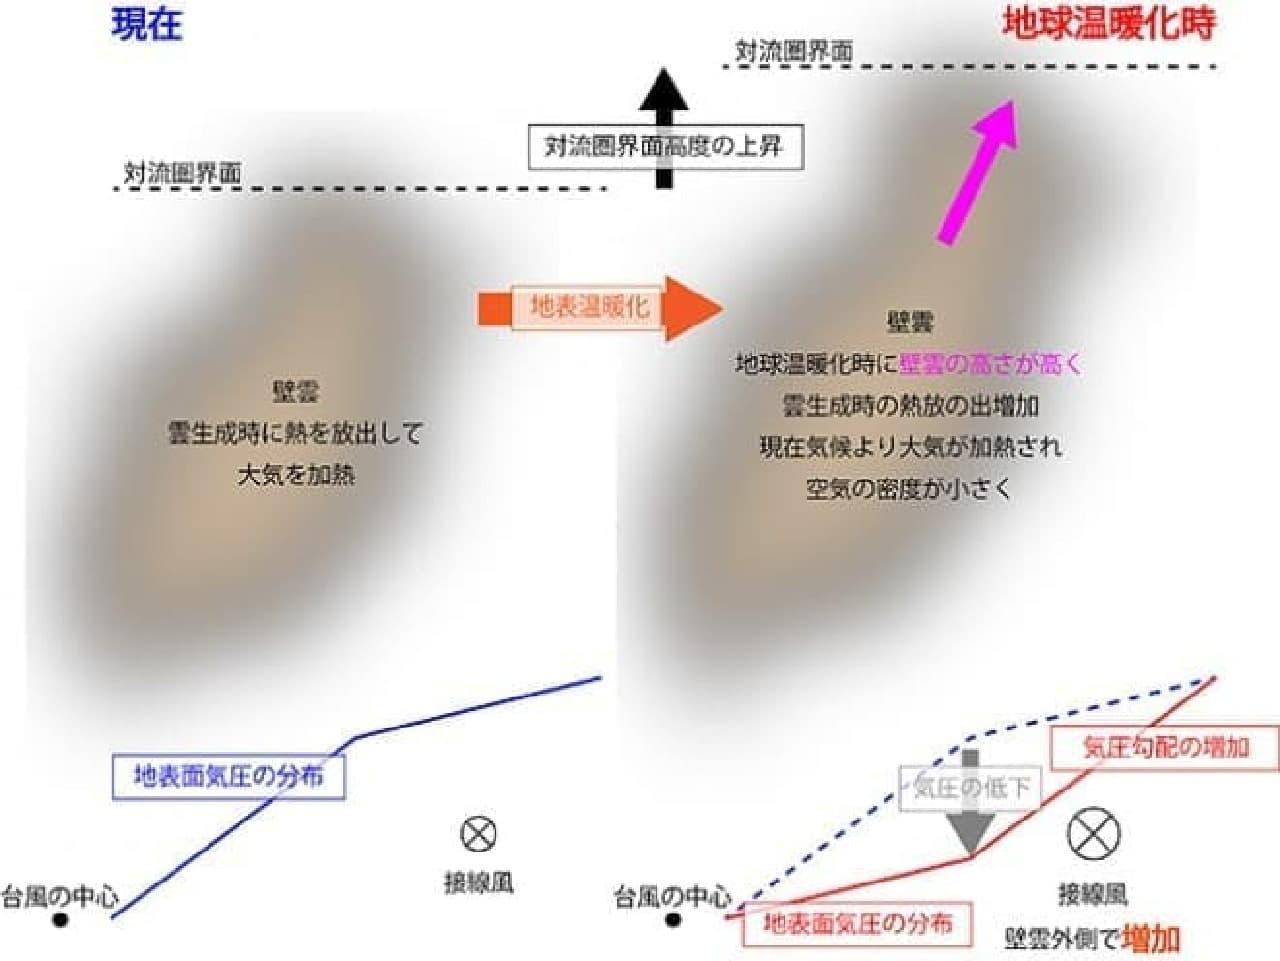 台風の大型化のイメージ